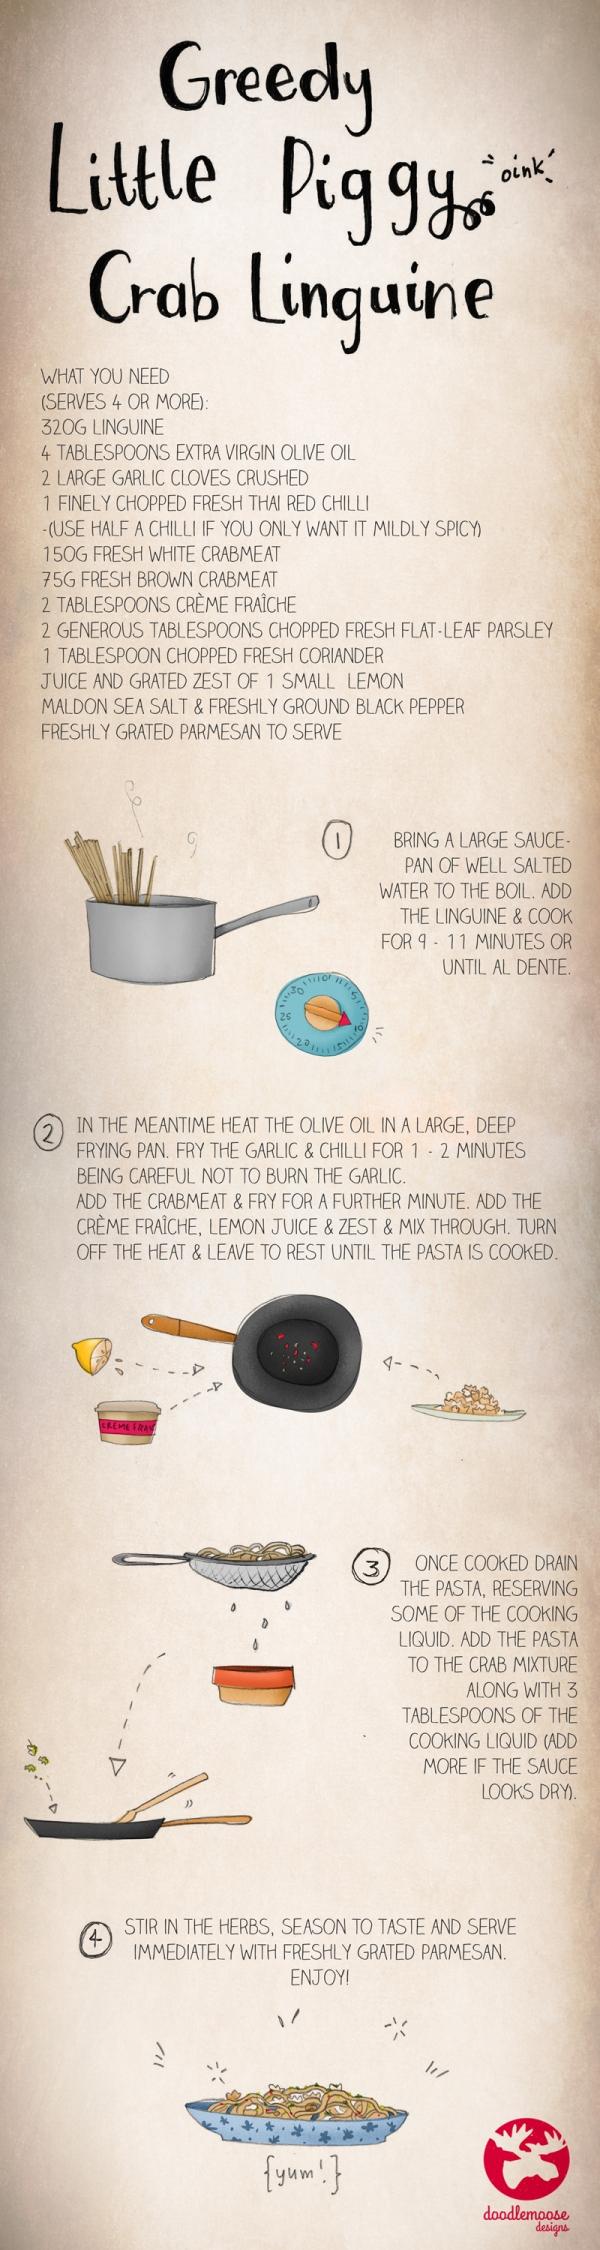 crab linguine illustrated recipe